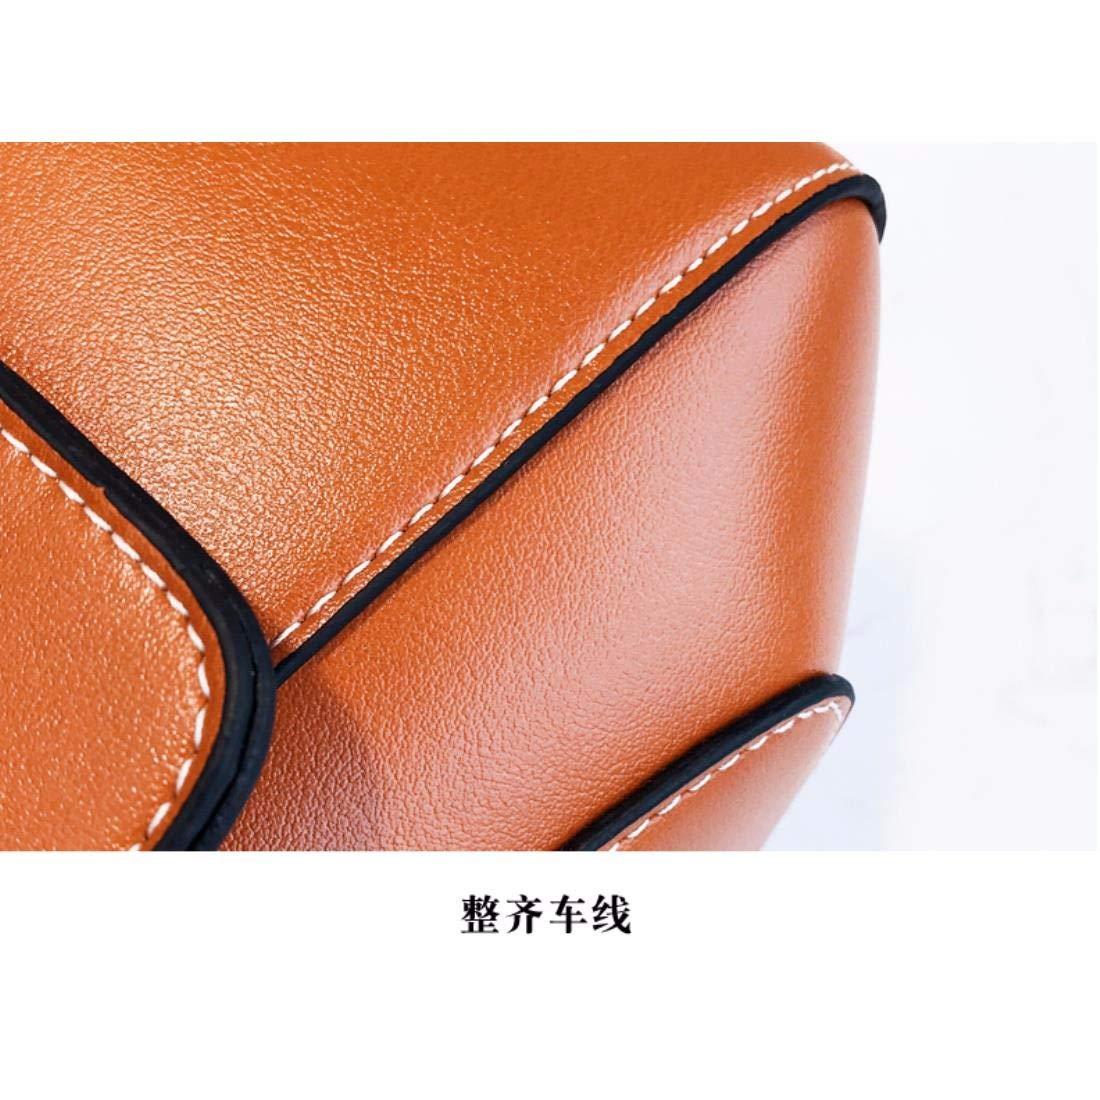 HAPPY-BAG Mode Mode Mode modern Frauen - Tasche ranzen Schulter Einer Sommer - Mode Einfachheit B07GTGH76Q Umhngetaschen Neueste Technologie 509e69